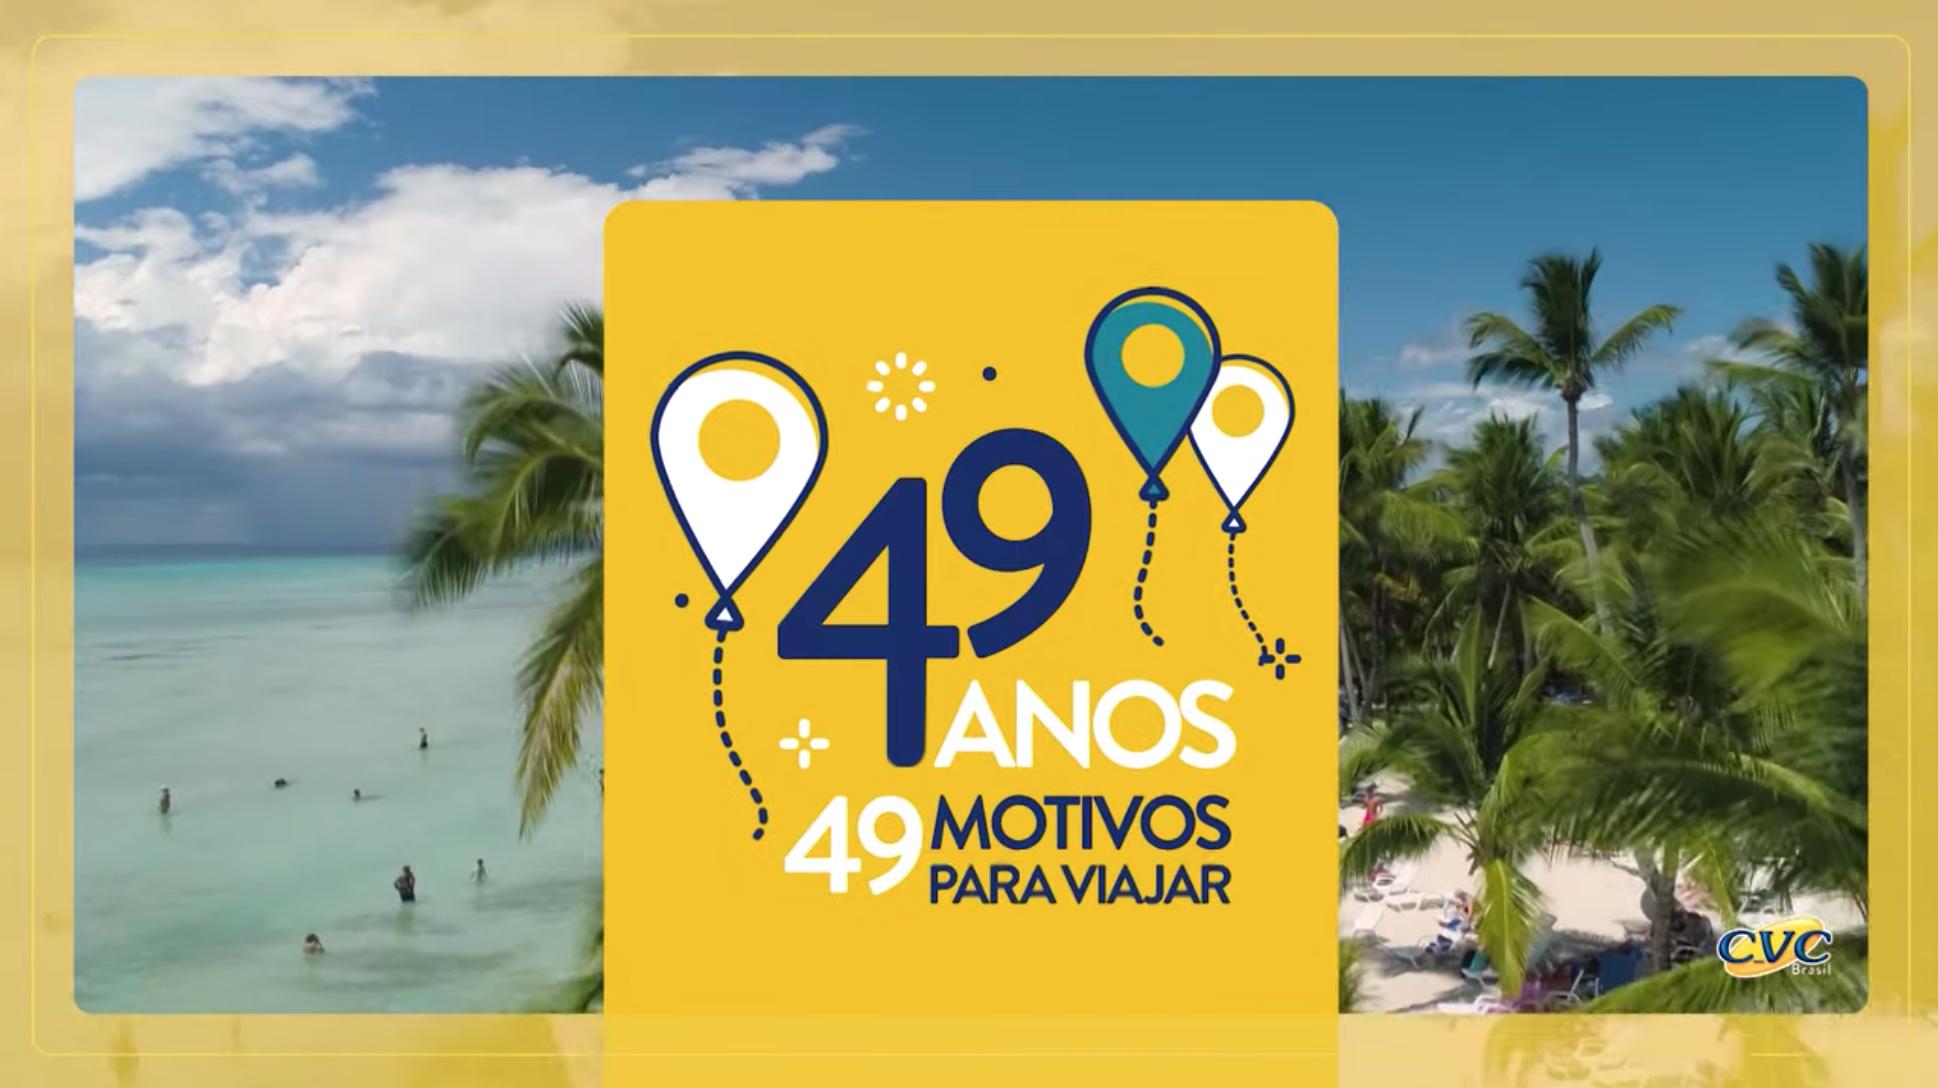 """CVC oferece """"49 motivos para viajar"""" em campanha de aniversário"""